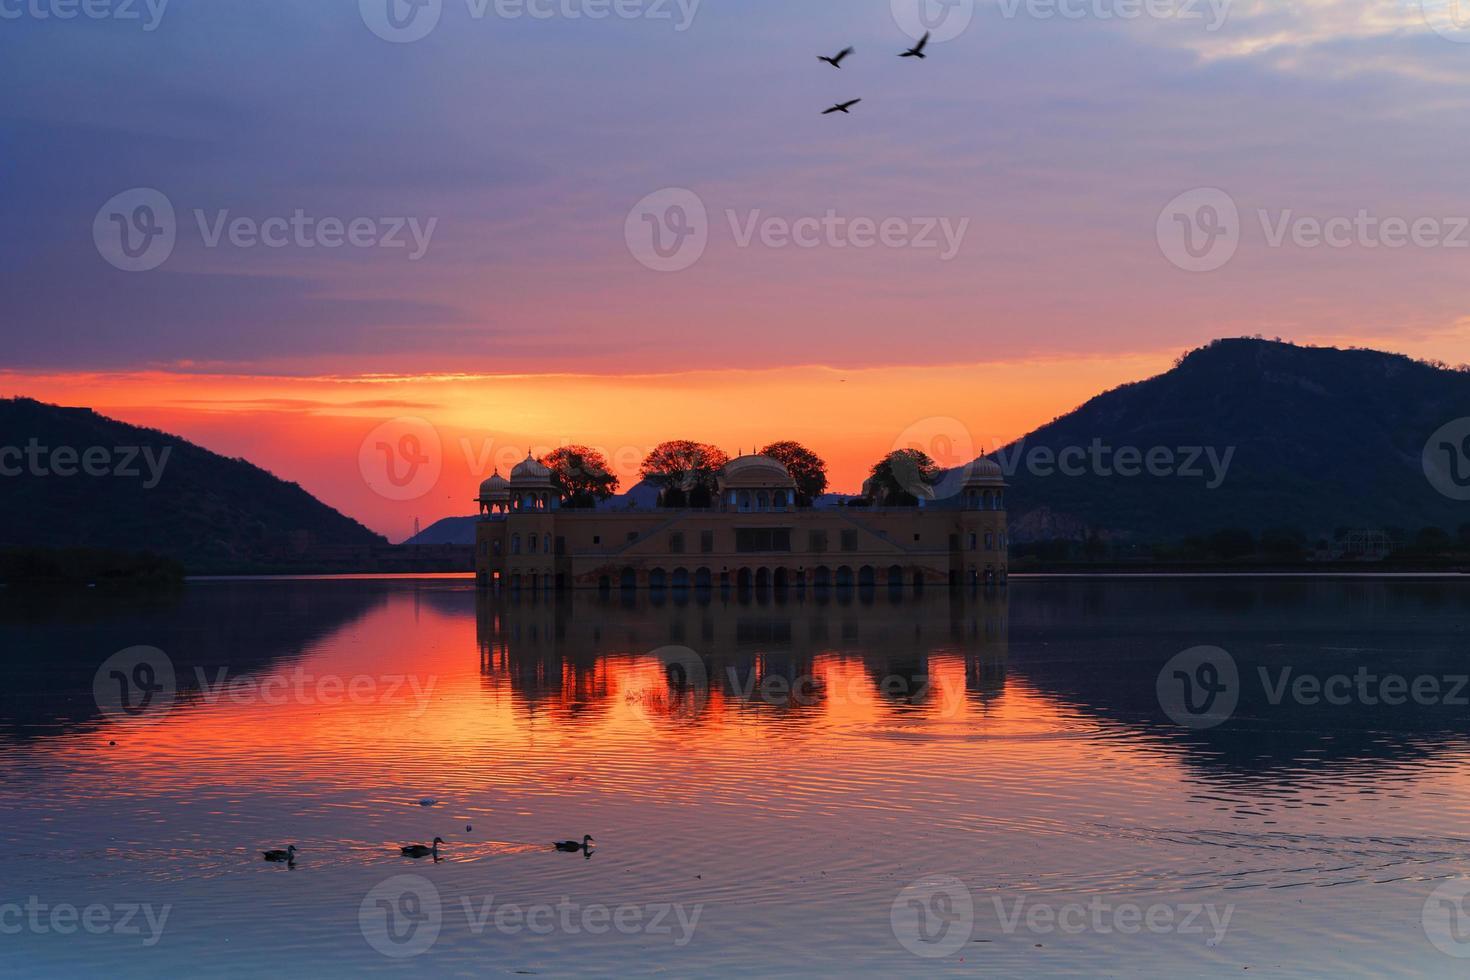 zonsopgang bij Jal Mahal, Jaipur, India. foto